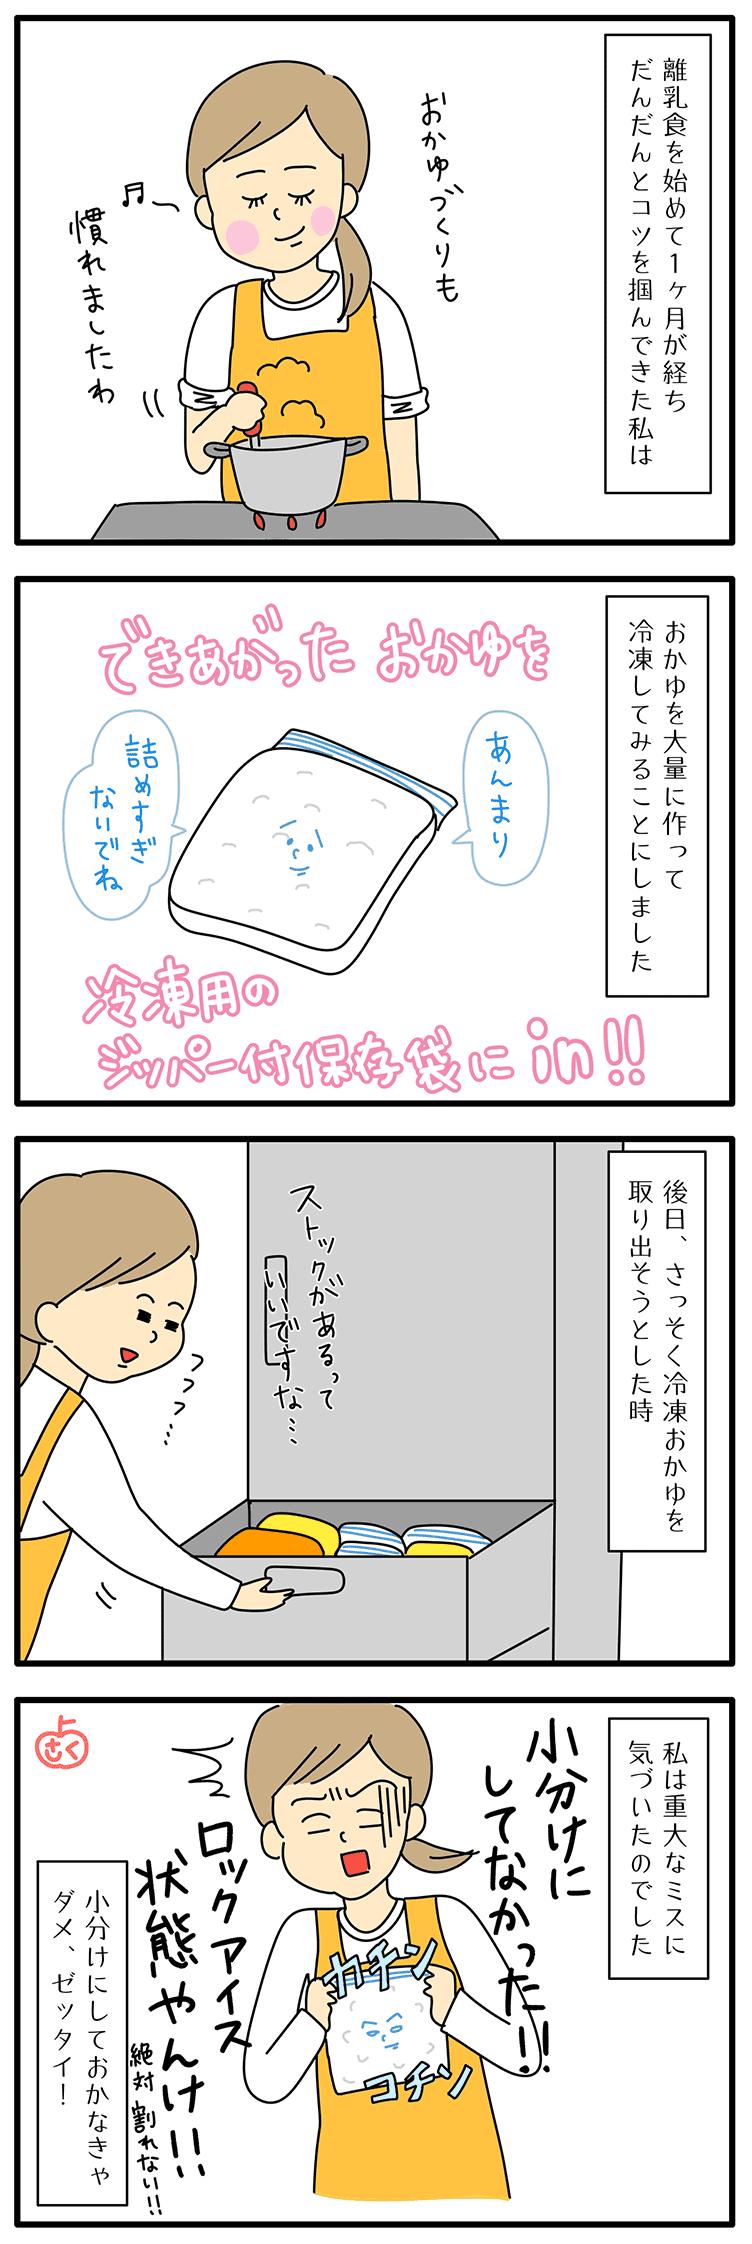 離乳食の冷凍についての永岡さくら(saku)さんの子育て4コマ漫画